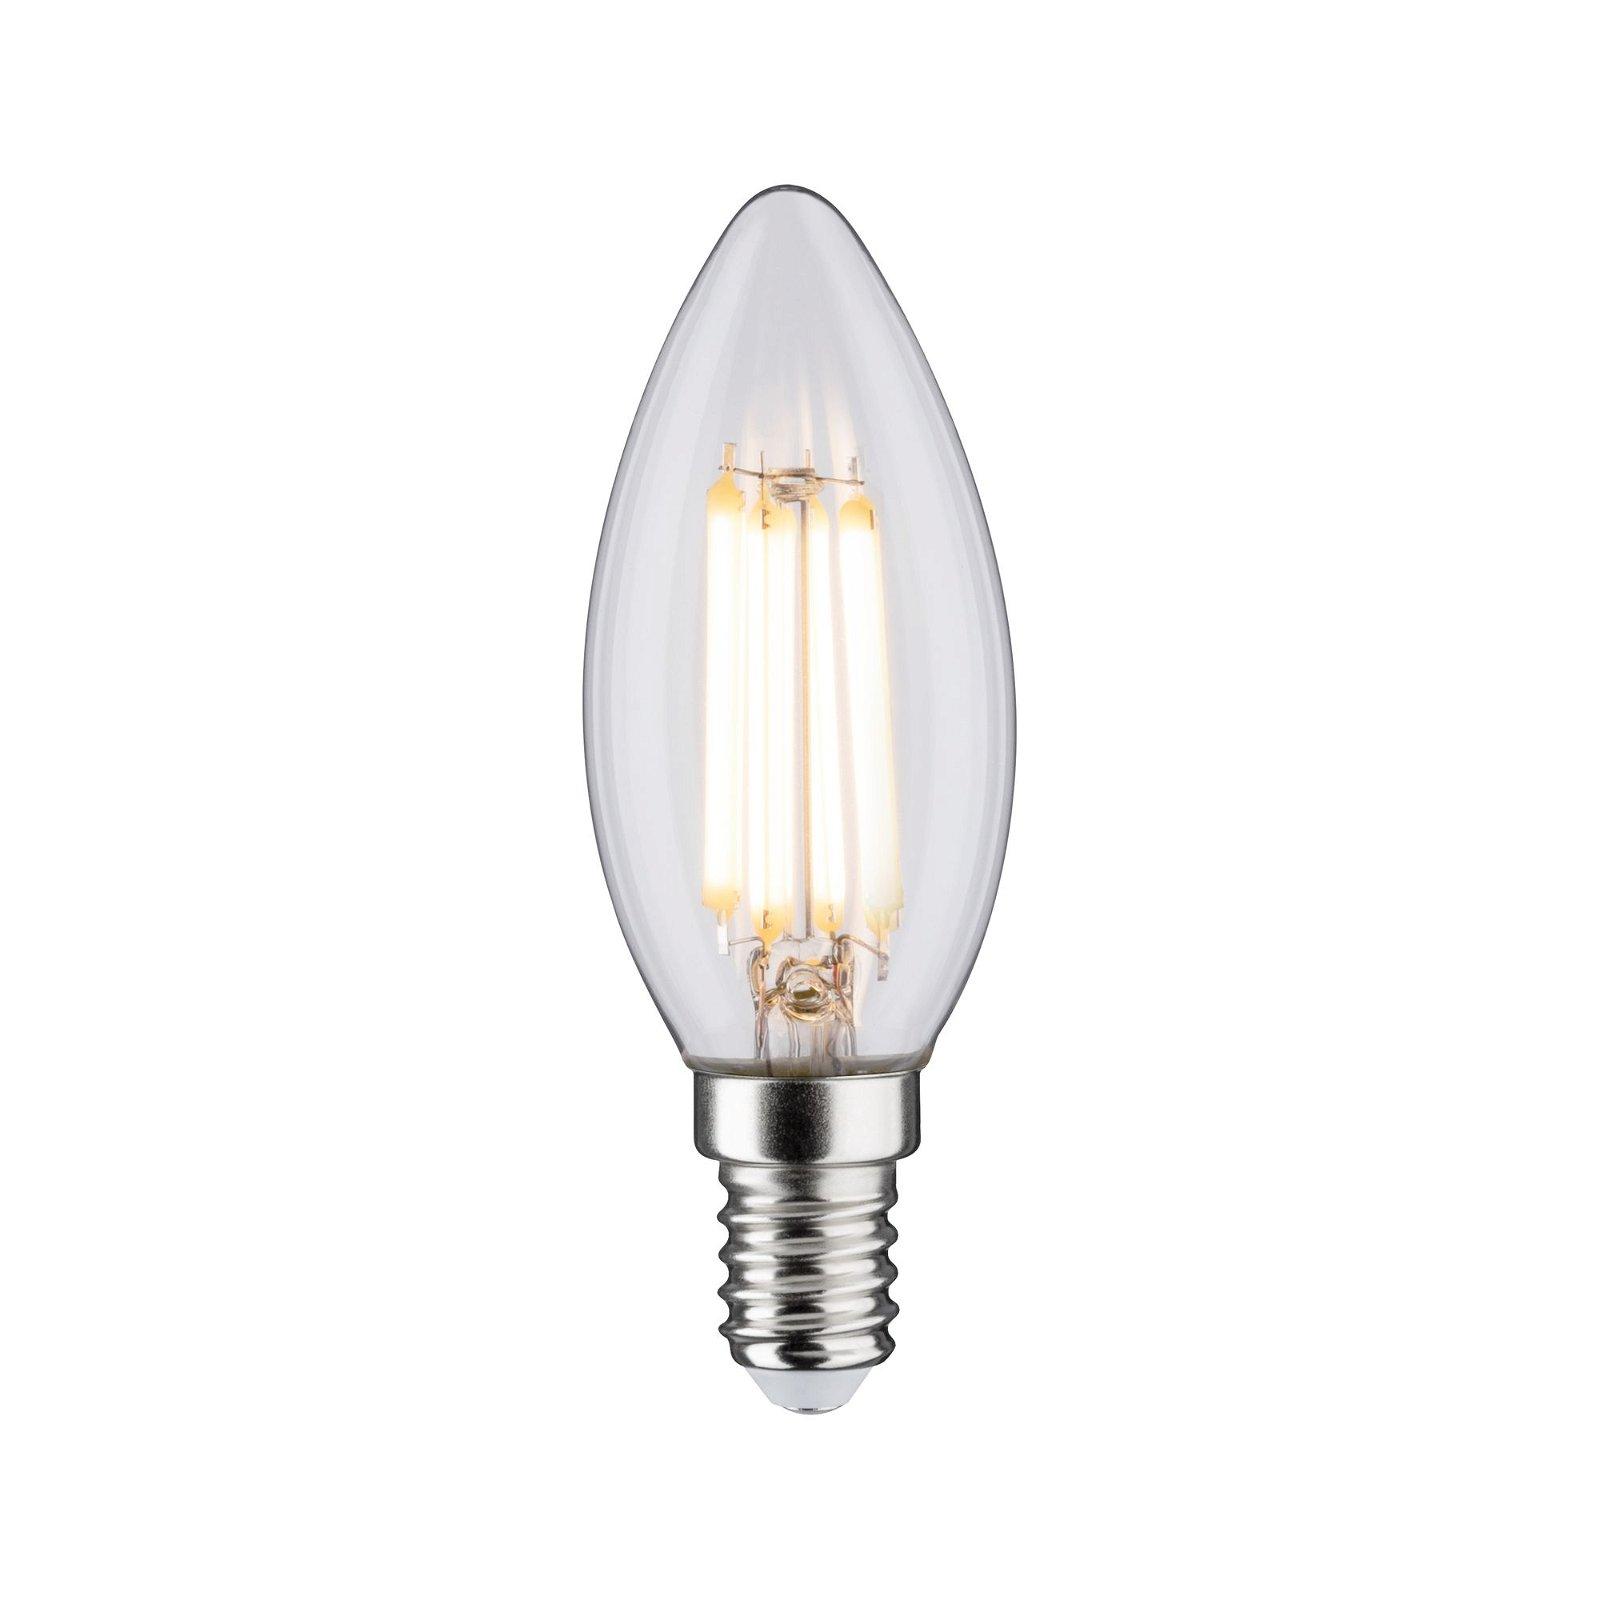 LED kaars Filament E14 230V 806lm 6,5W 2700K Helder